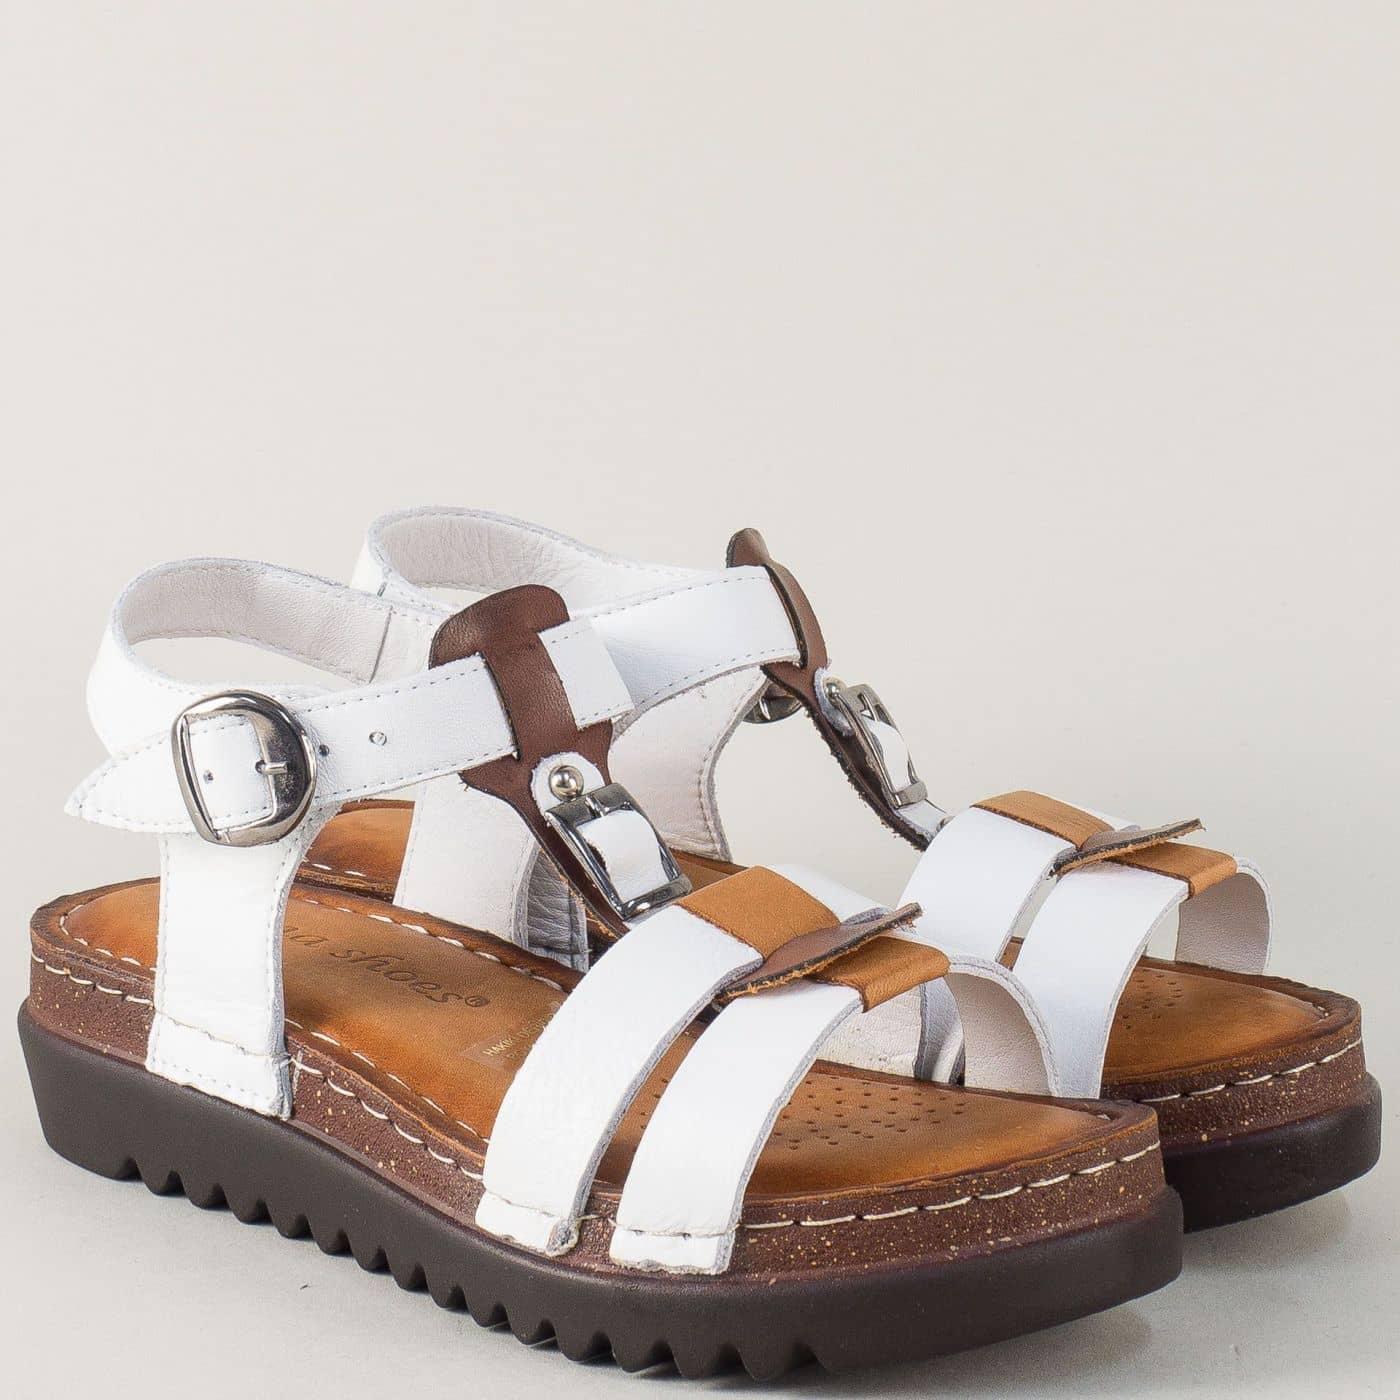 3e6b6cdd177 Кожени дамски сандали на платформа в бяло и кафяво 1154bk - Sisi-bg.com